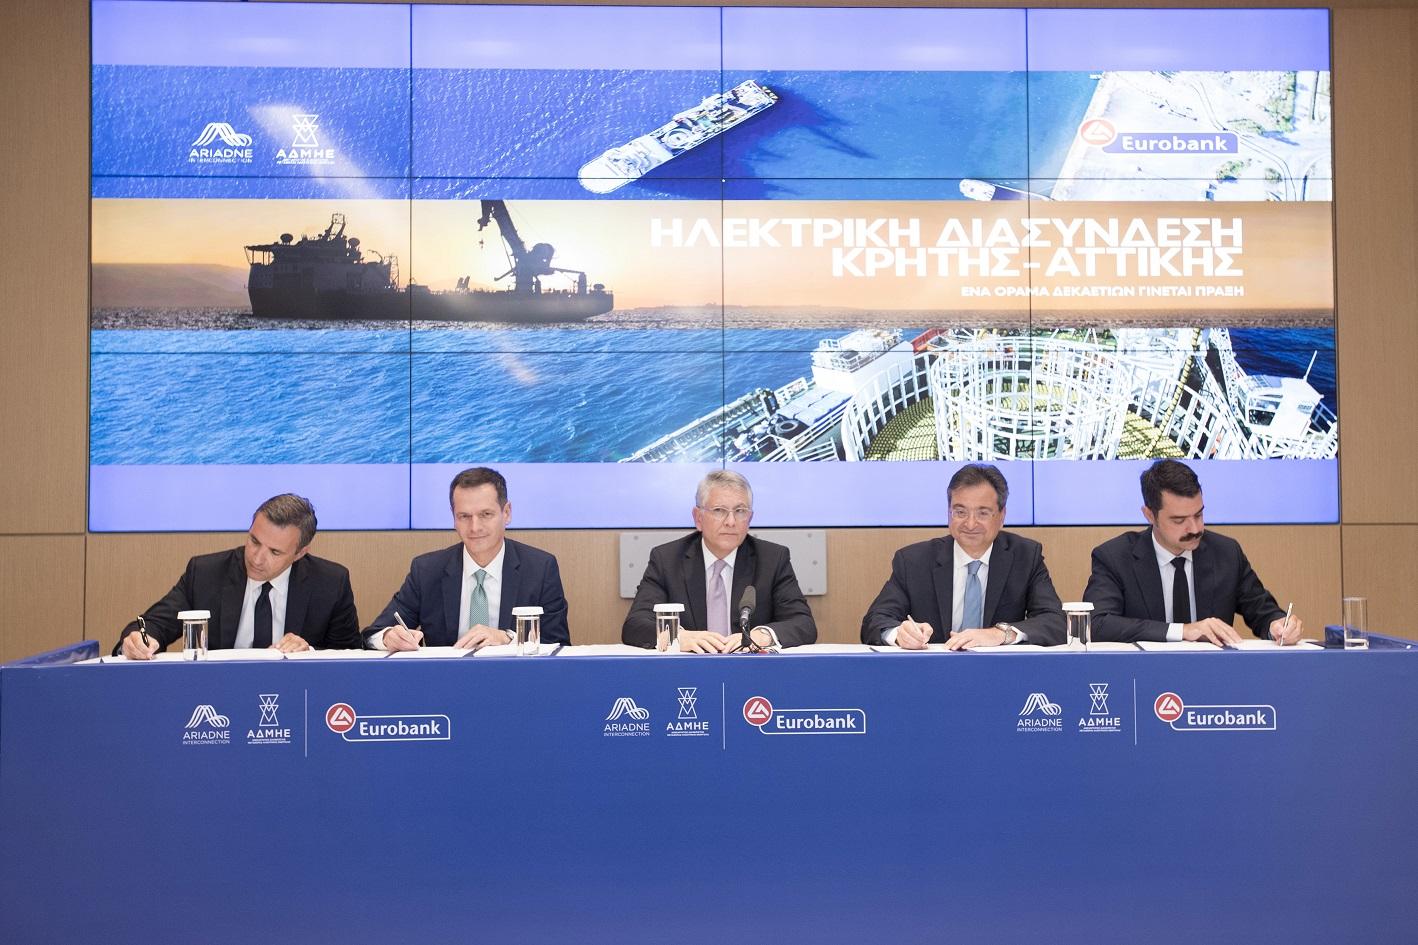 Αριάδνη και Eurobank υπέγραψαν δανειακή σύμβαση για τη διασύνδεση Κρήτης-Αττικής